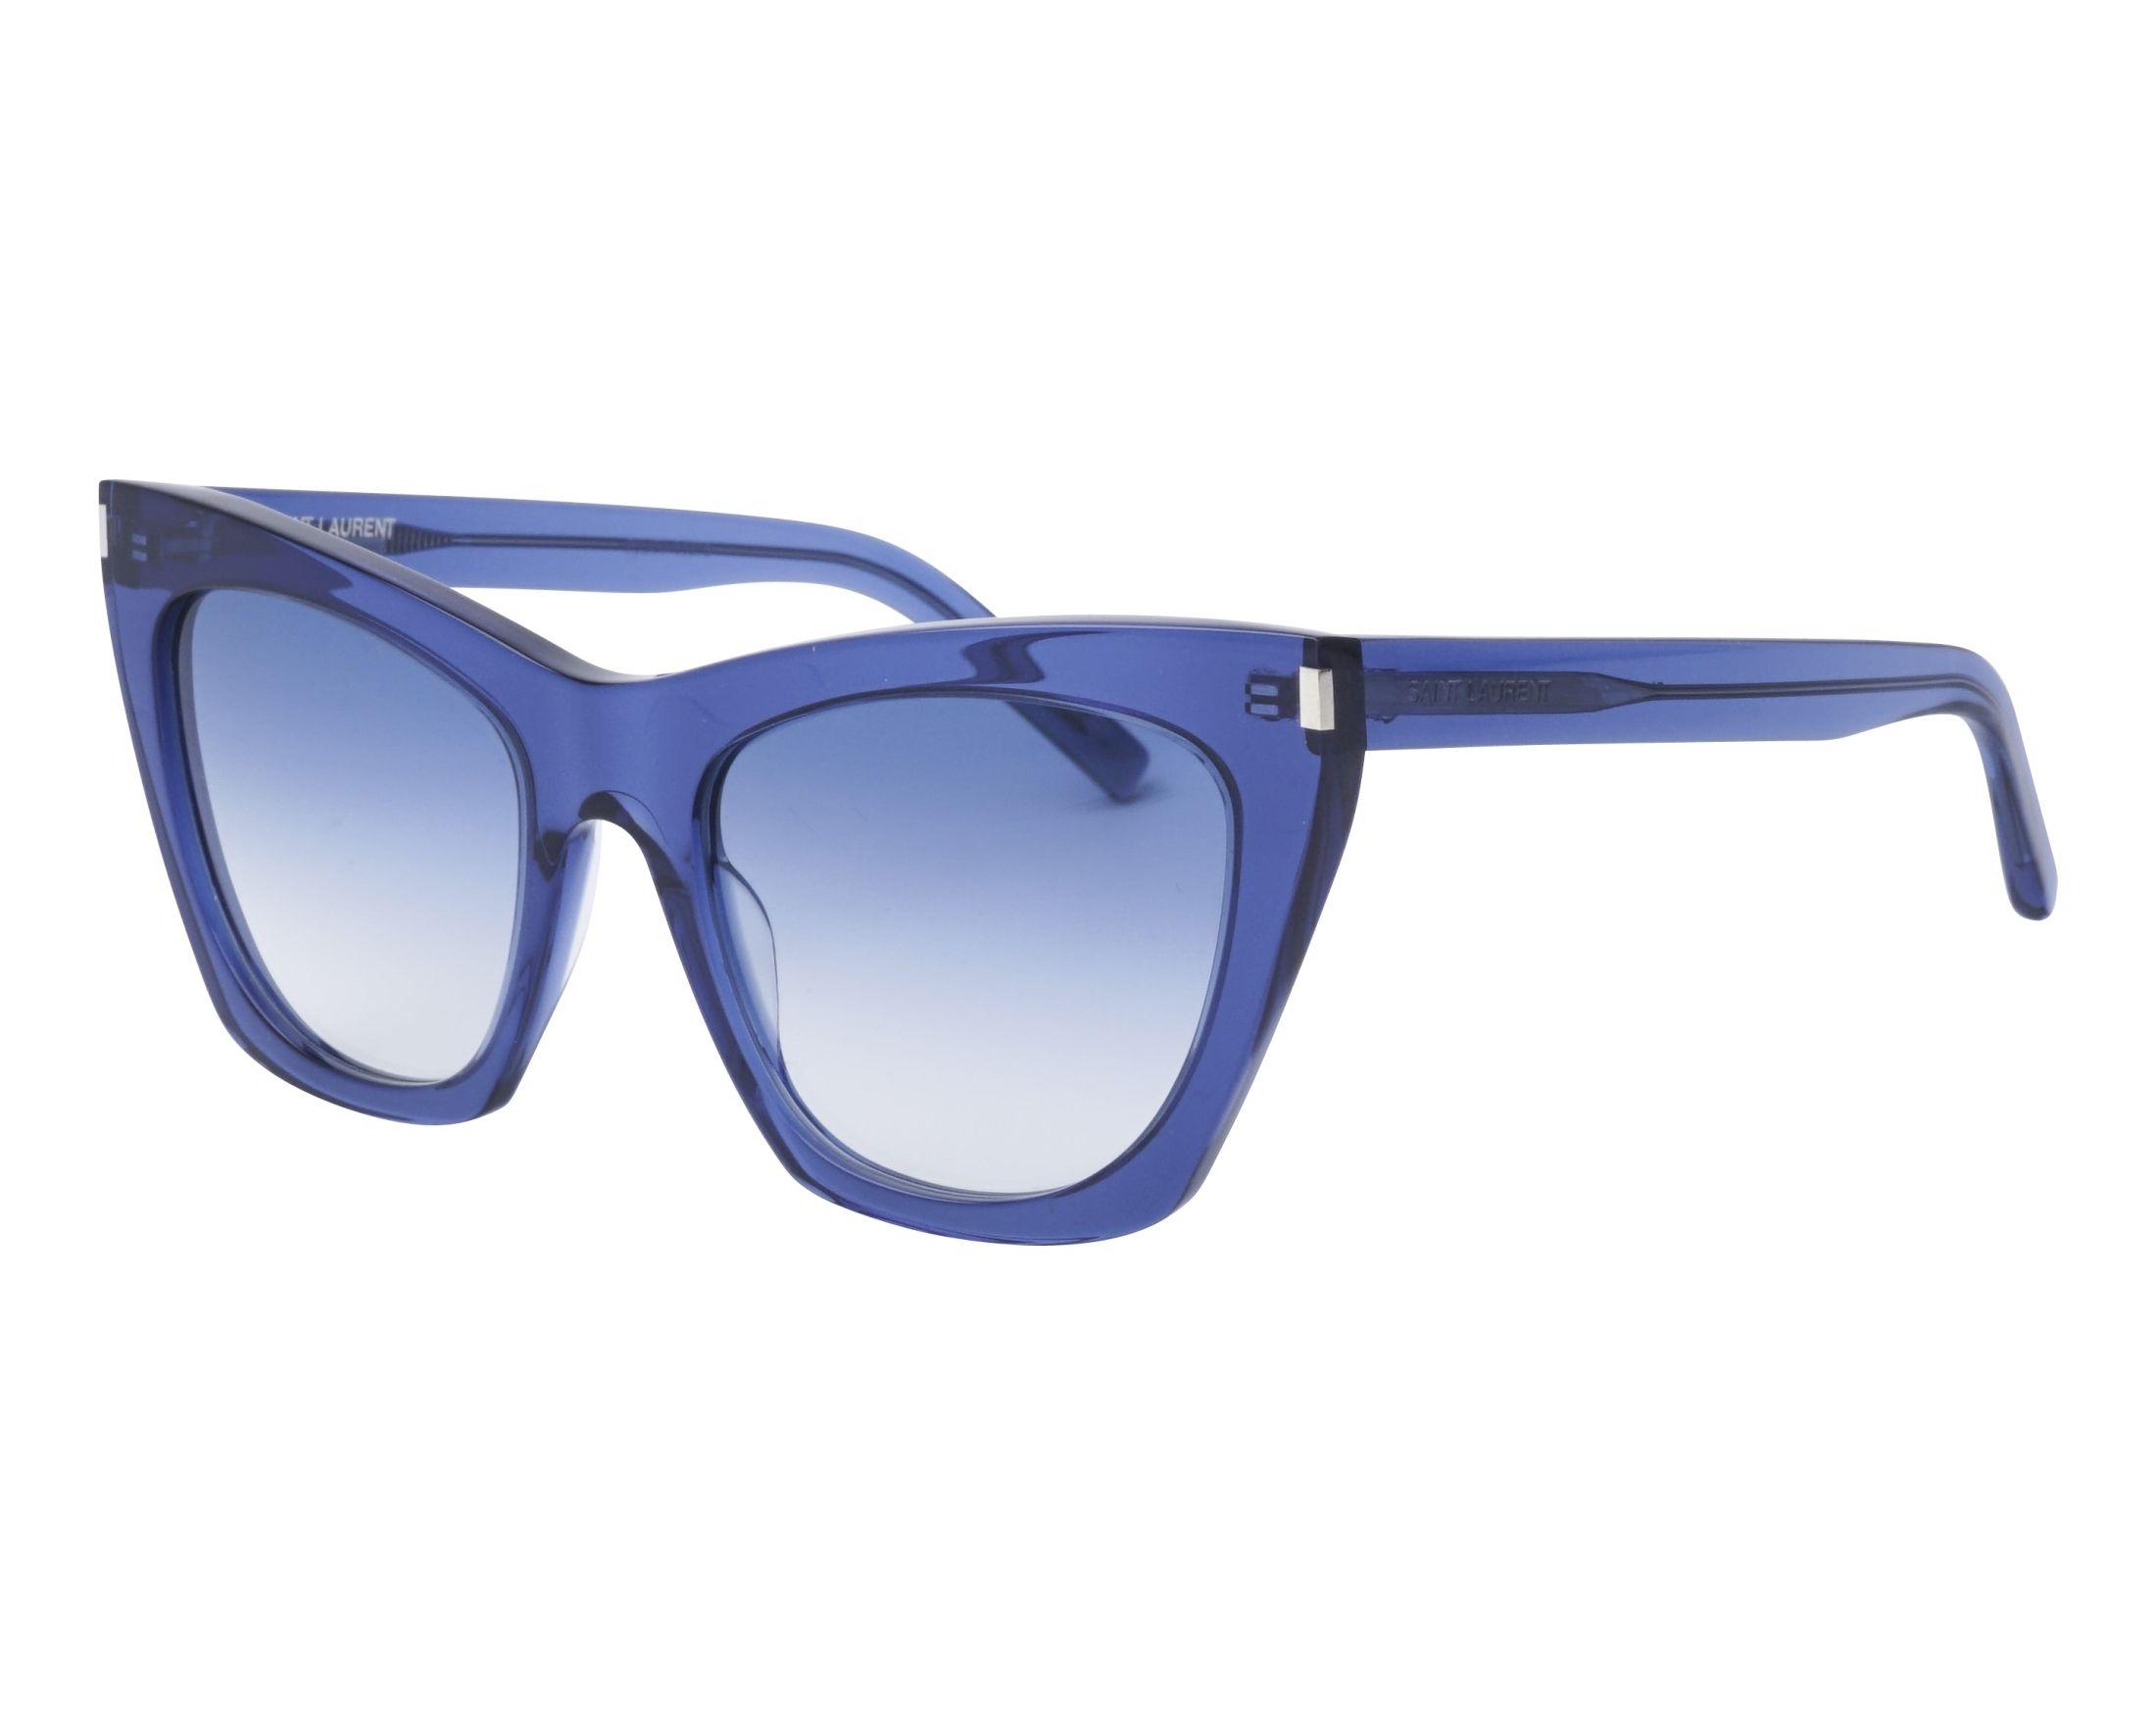 18777144dfa Sunglasses Yves Saint Laurent SL-214 002 55-20 Blue profile view